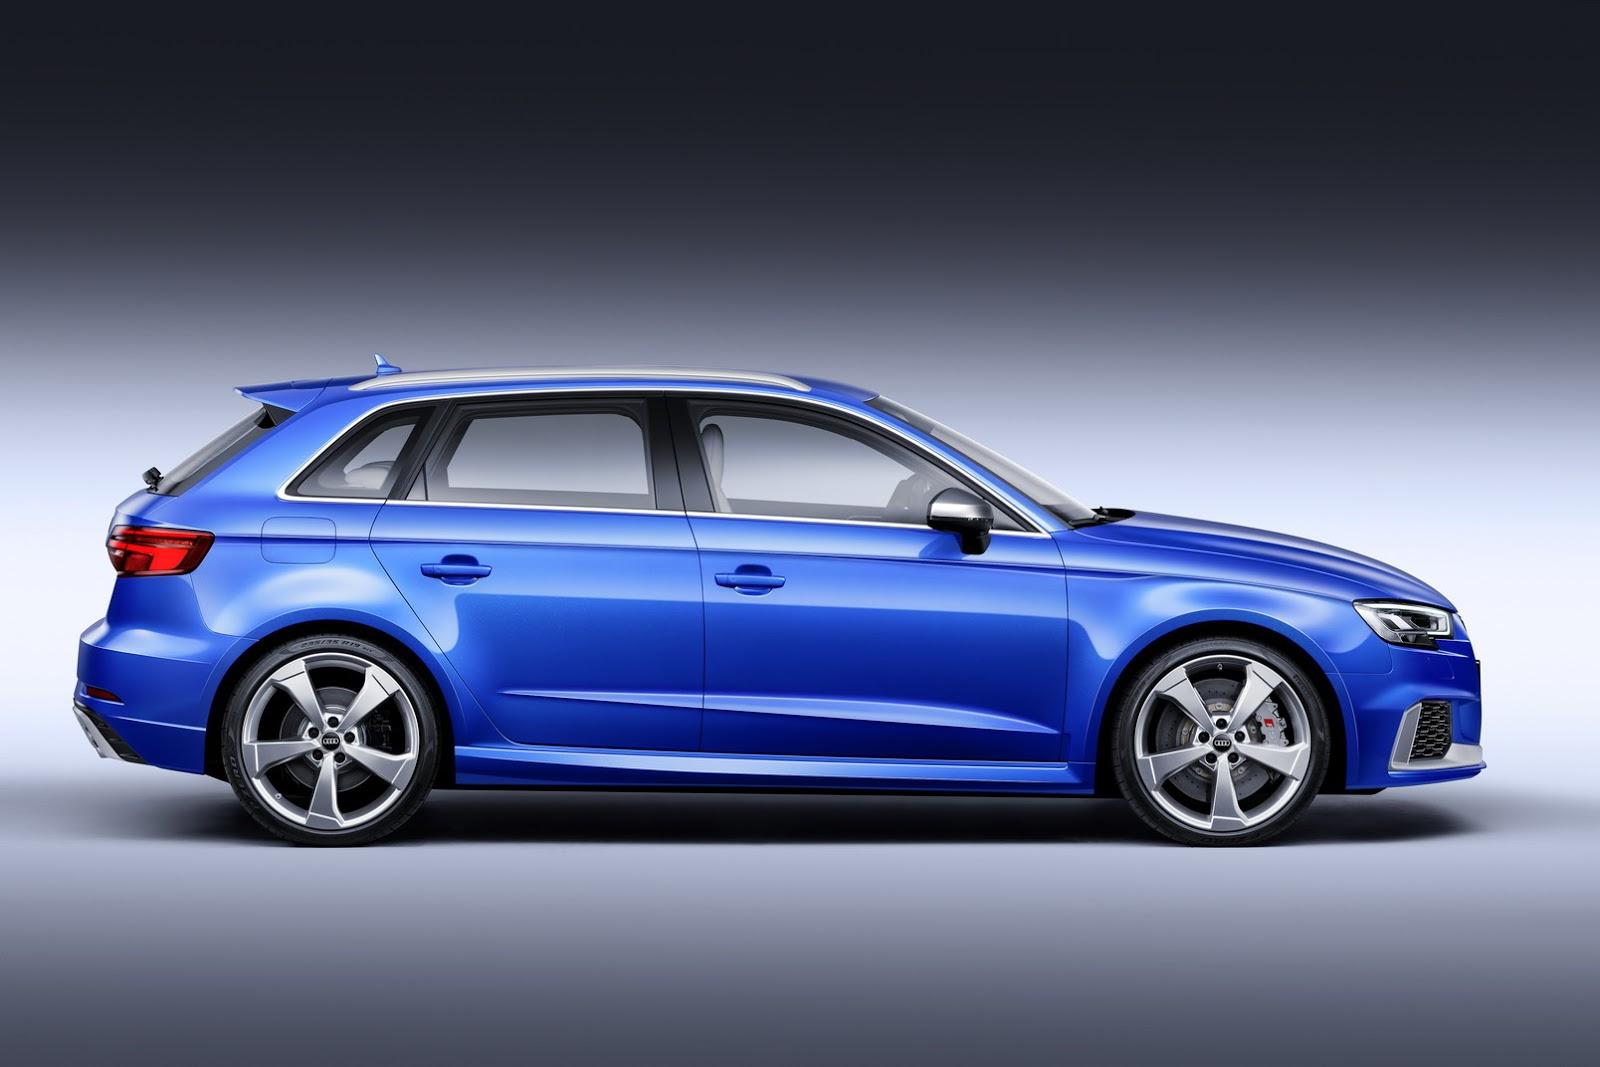 Should Audi Build an RS3 Cabriolet autoevolution